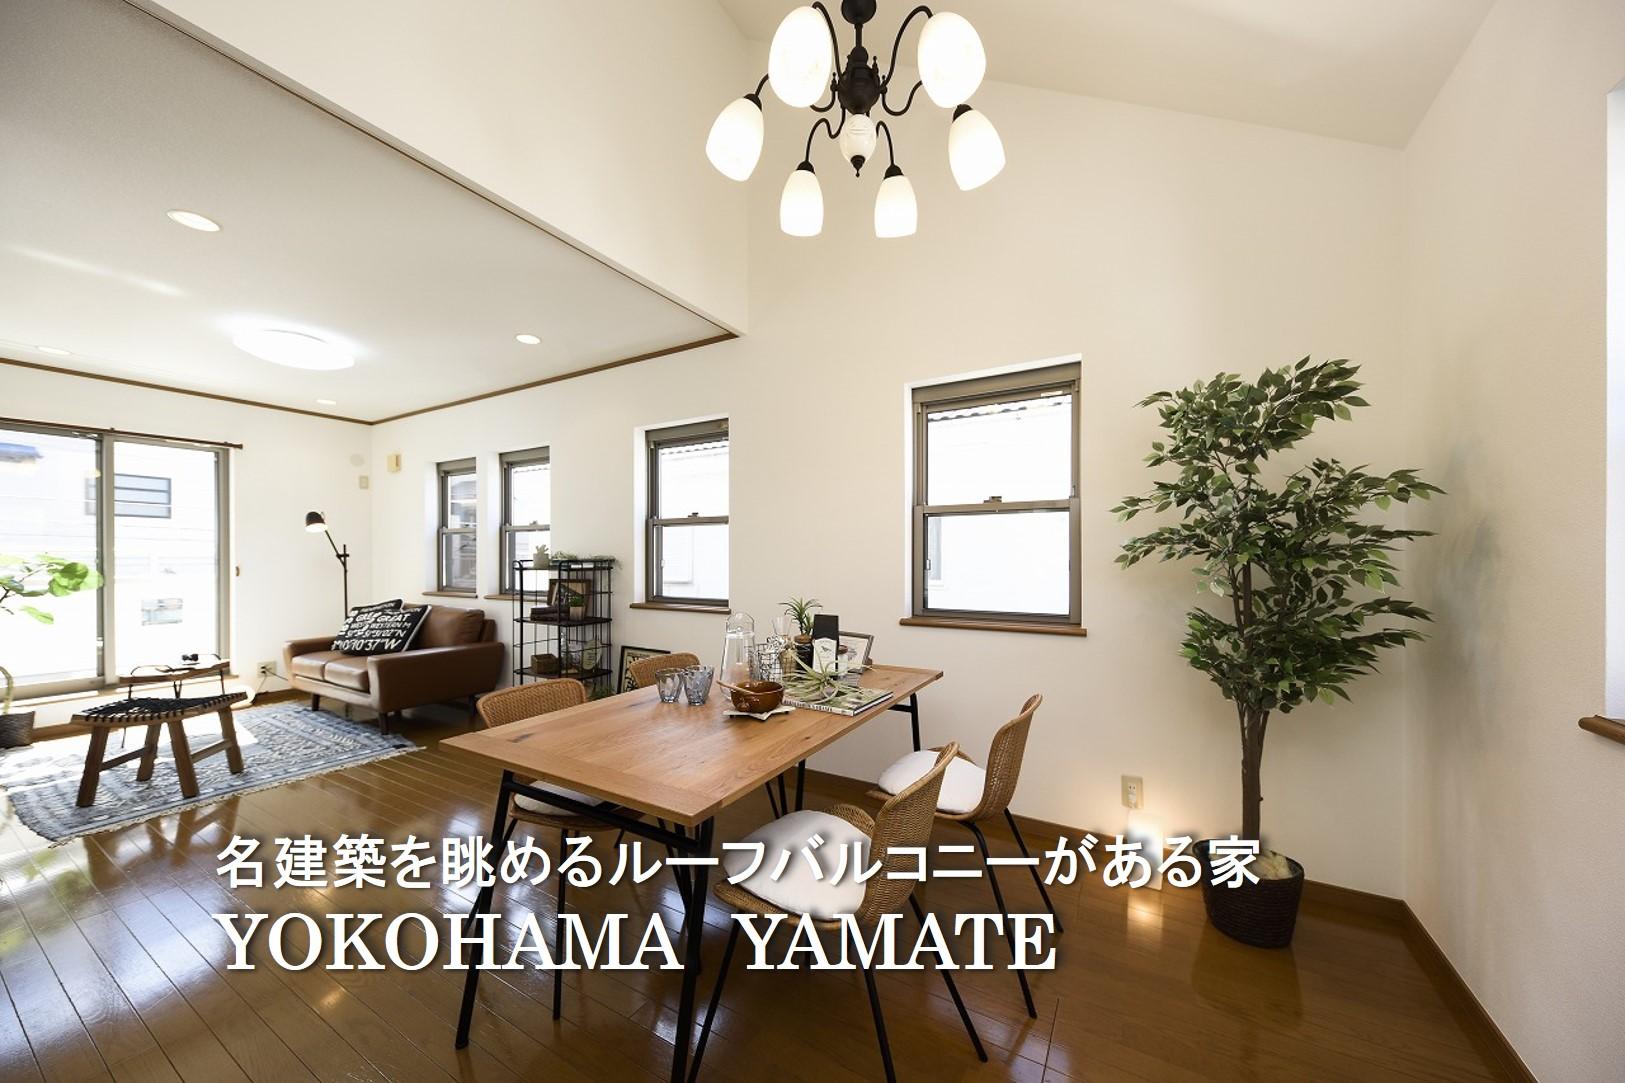 名建築を眺めるルーフバルコニーがある家 YOKOHAMA YAMATE